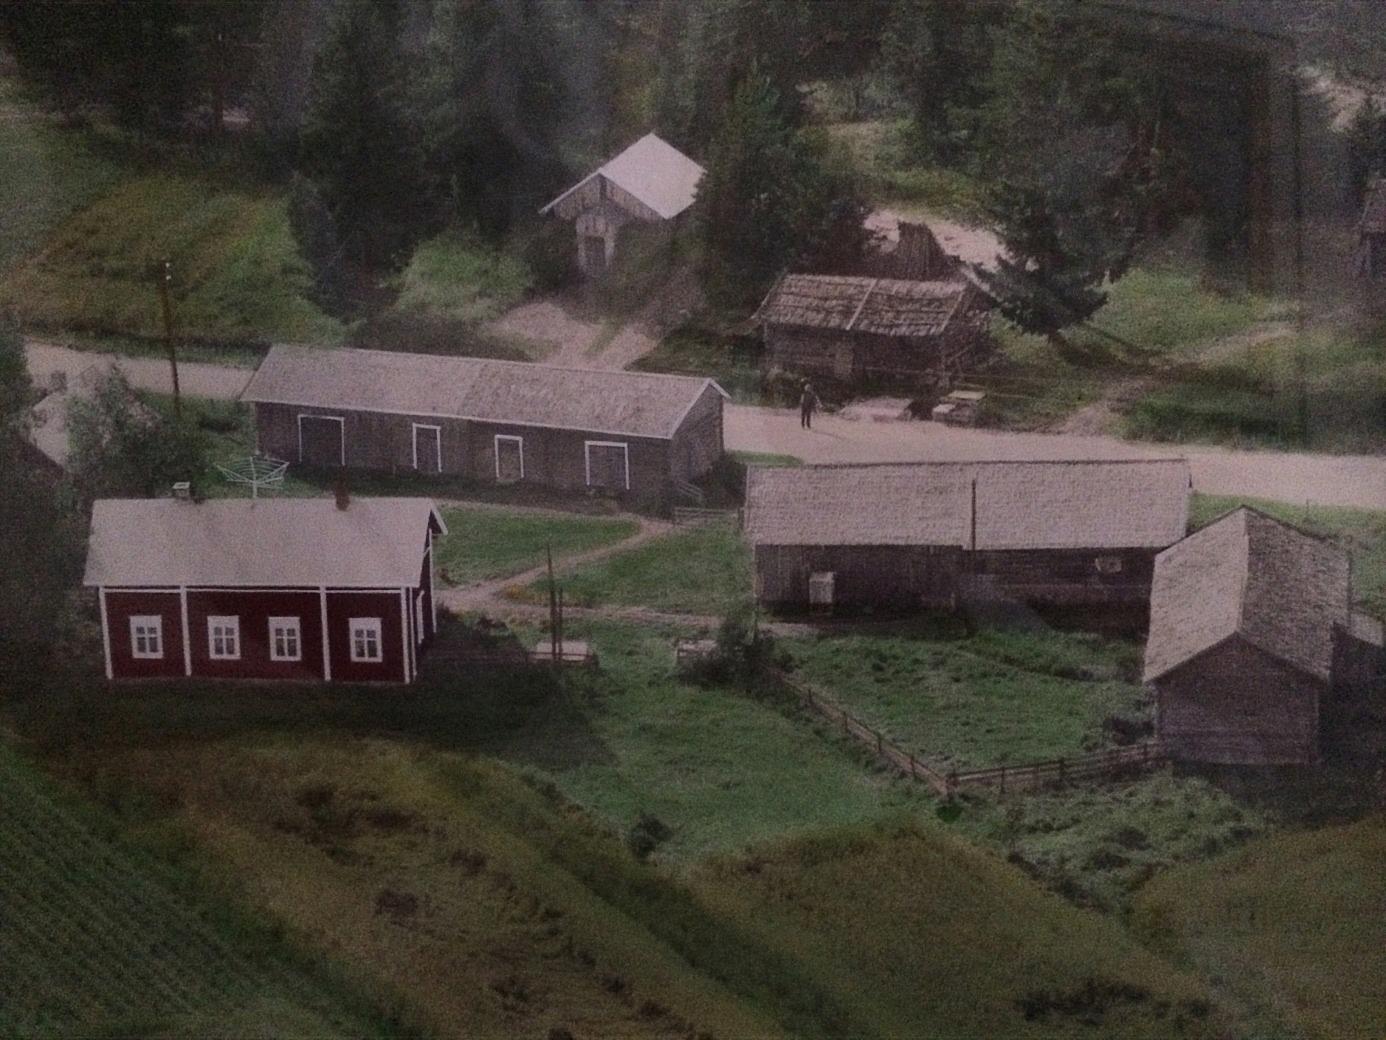 Flygfoto av Bergs gårdsgrupp på Norrviksvägen i Korsbäck.